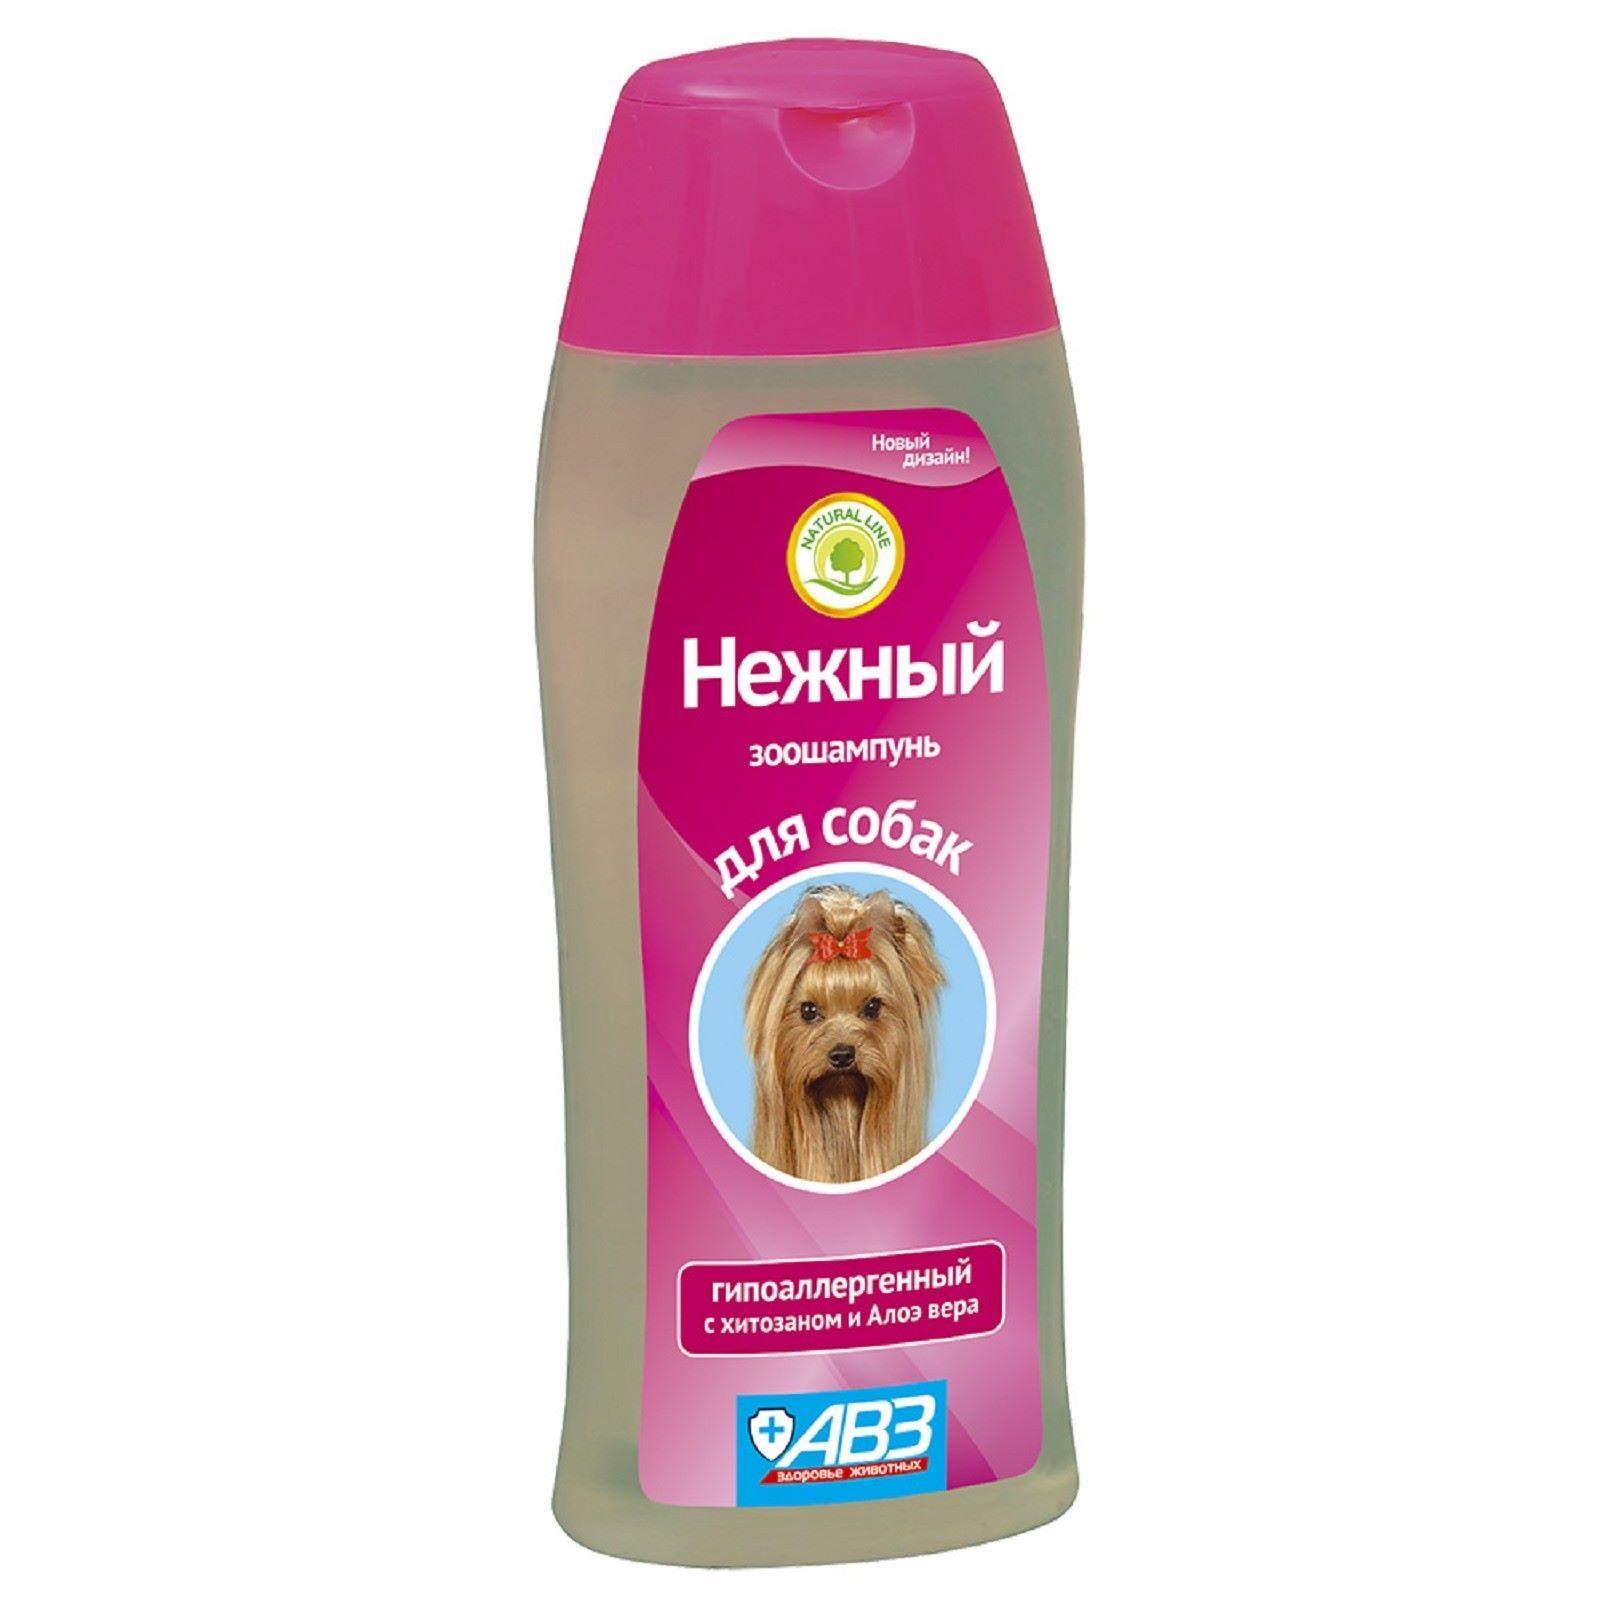 Шампунь для собак АВЗ Нежный, гипоаллергенный, 270мл